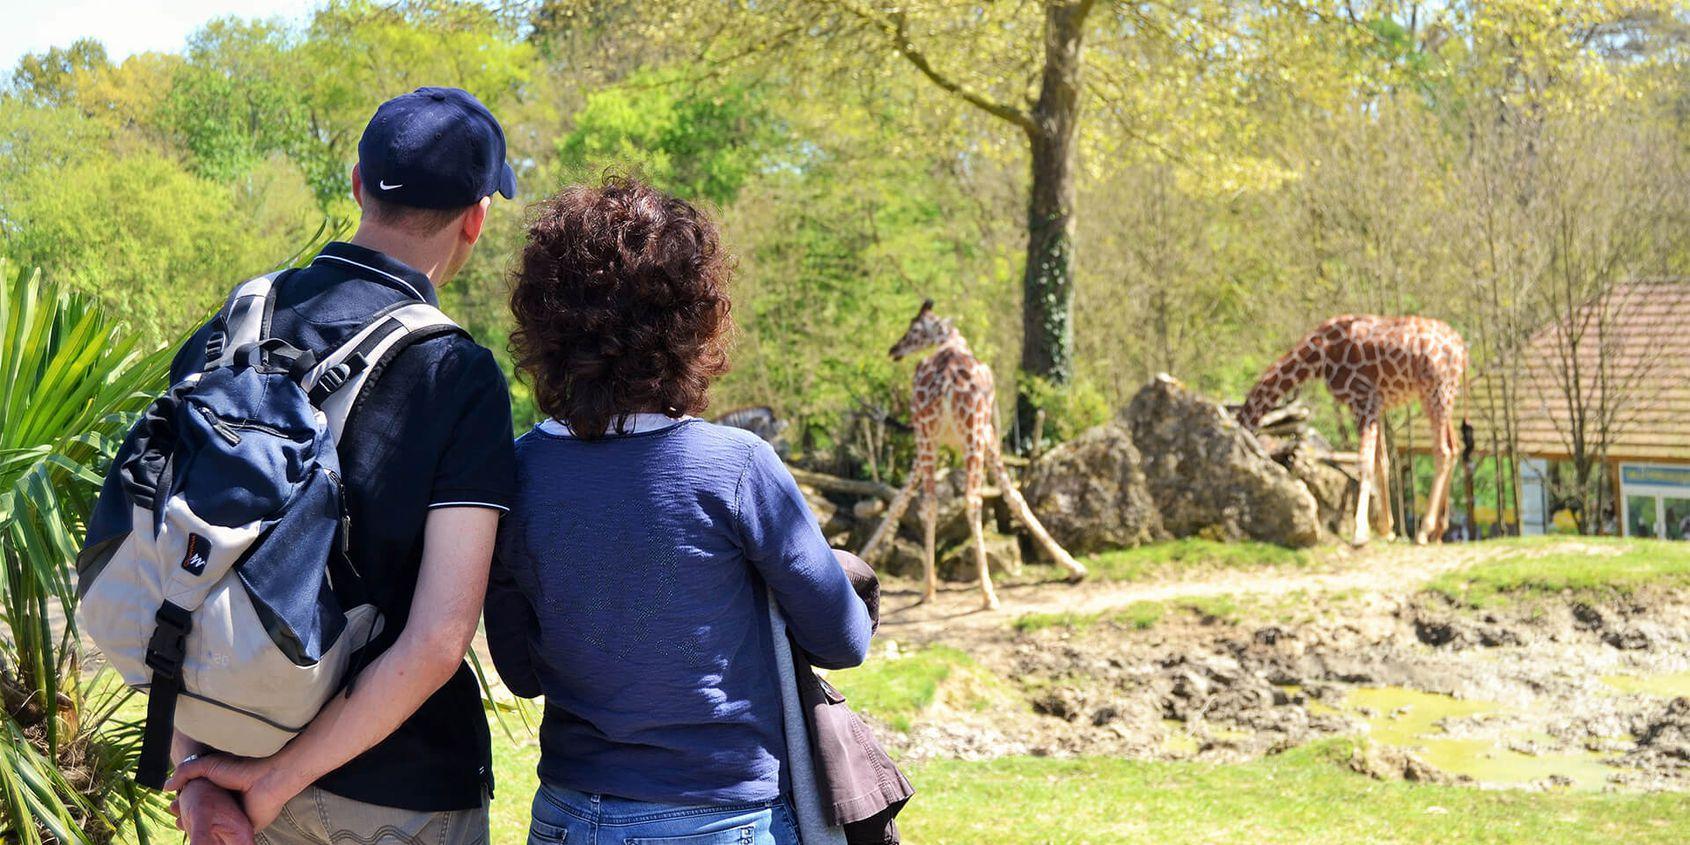 Vue imprenable sur les girafes - Les animaux de La Savane Africaine - ZooParc de Beauval